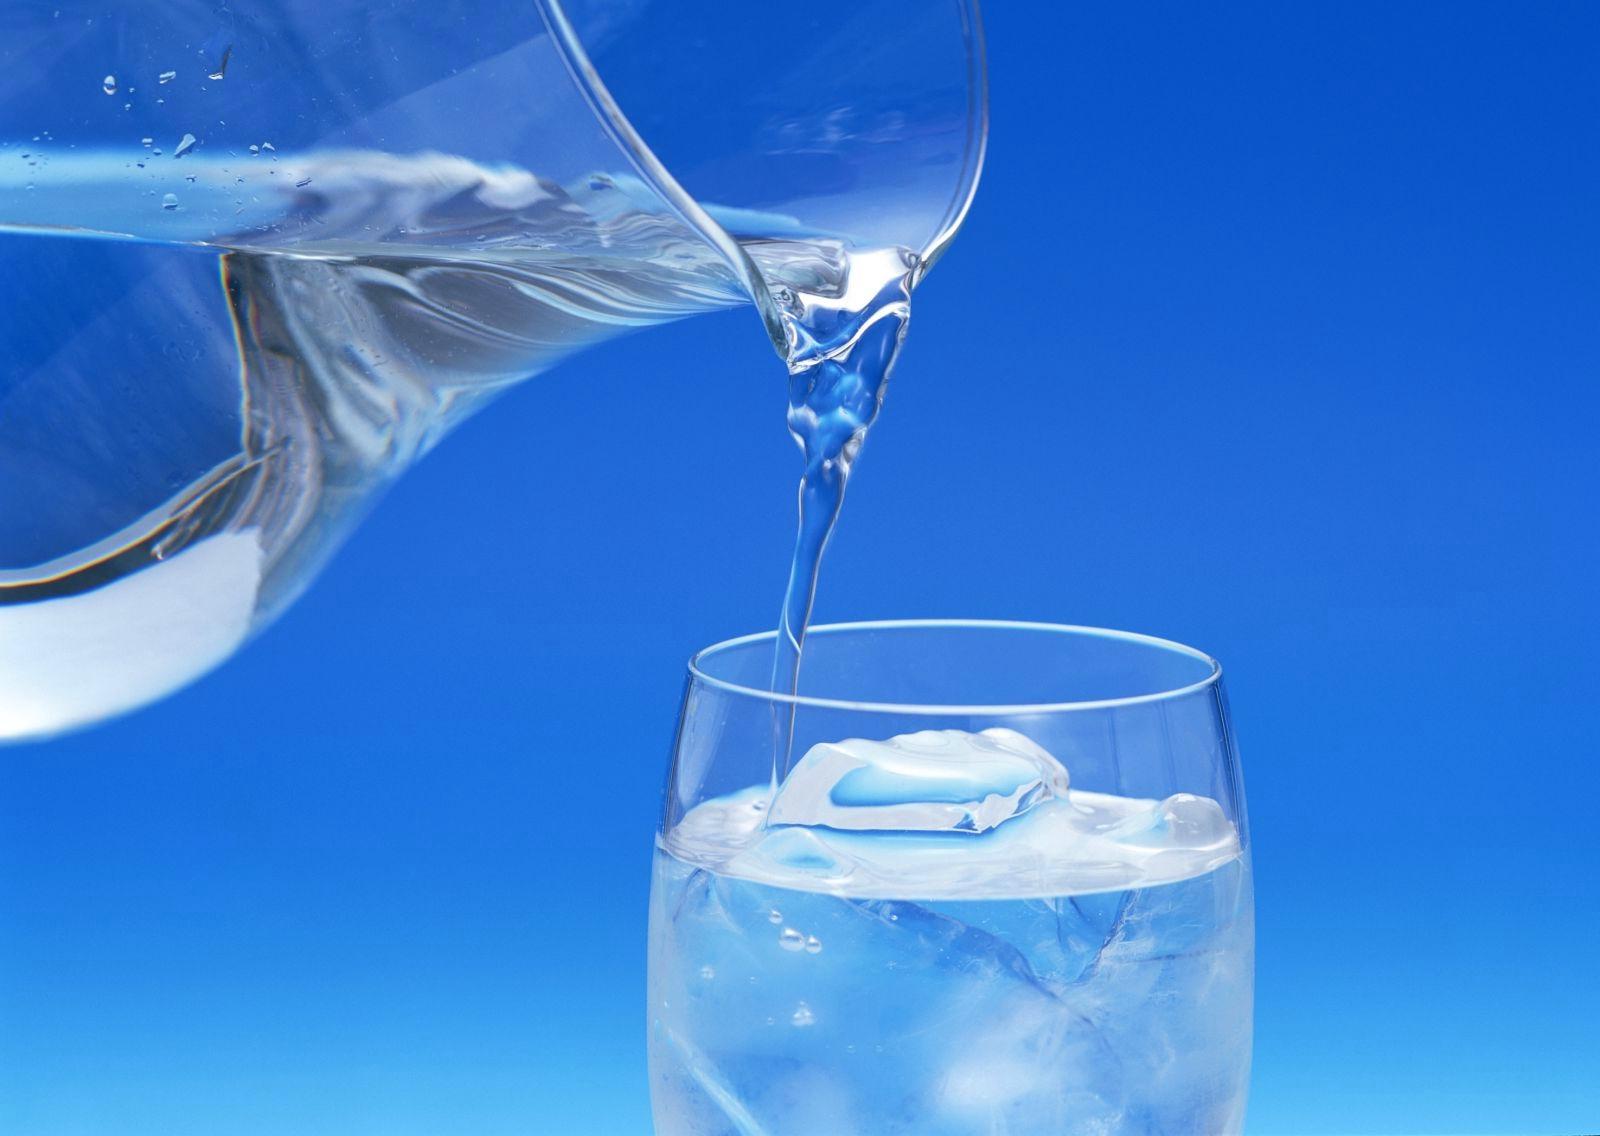 Качество воды из скважины - сколько стоит проверка, и где можно проверить качество